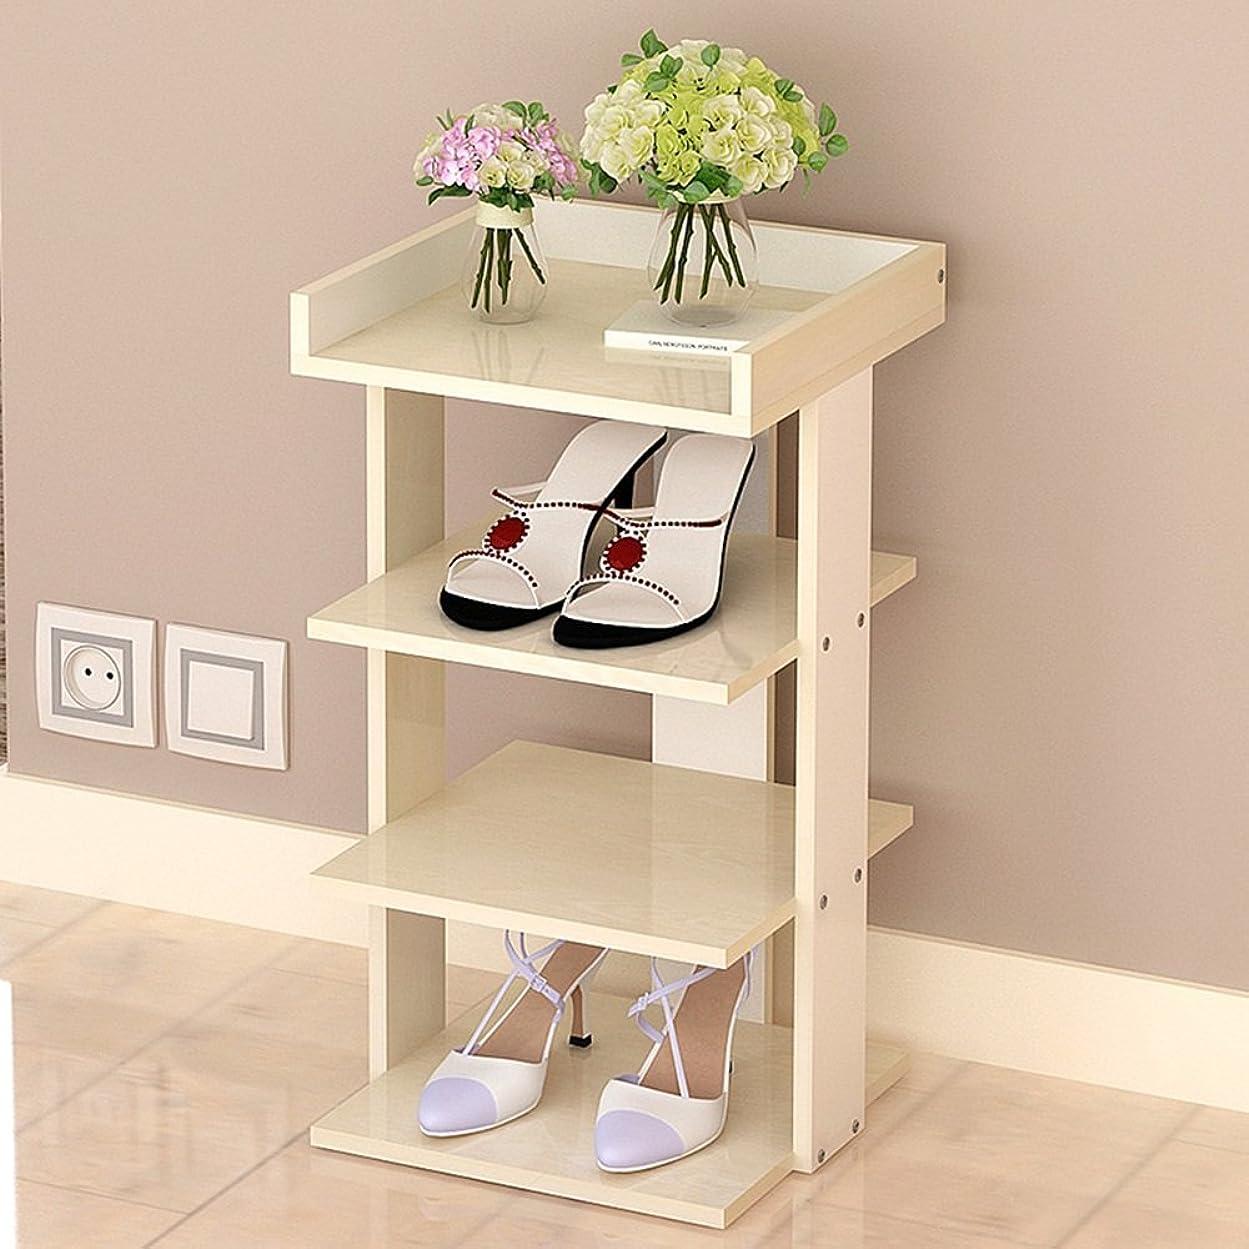 現代コンサート耐えられるNAN liang 靴ラック直立シェルフシェルフレイヤー4廊下ベッドルーム28.1 * 30 * 53cm 自宅に適しています (色 : 3)